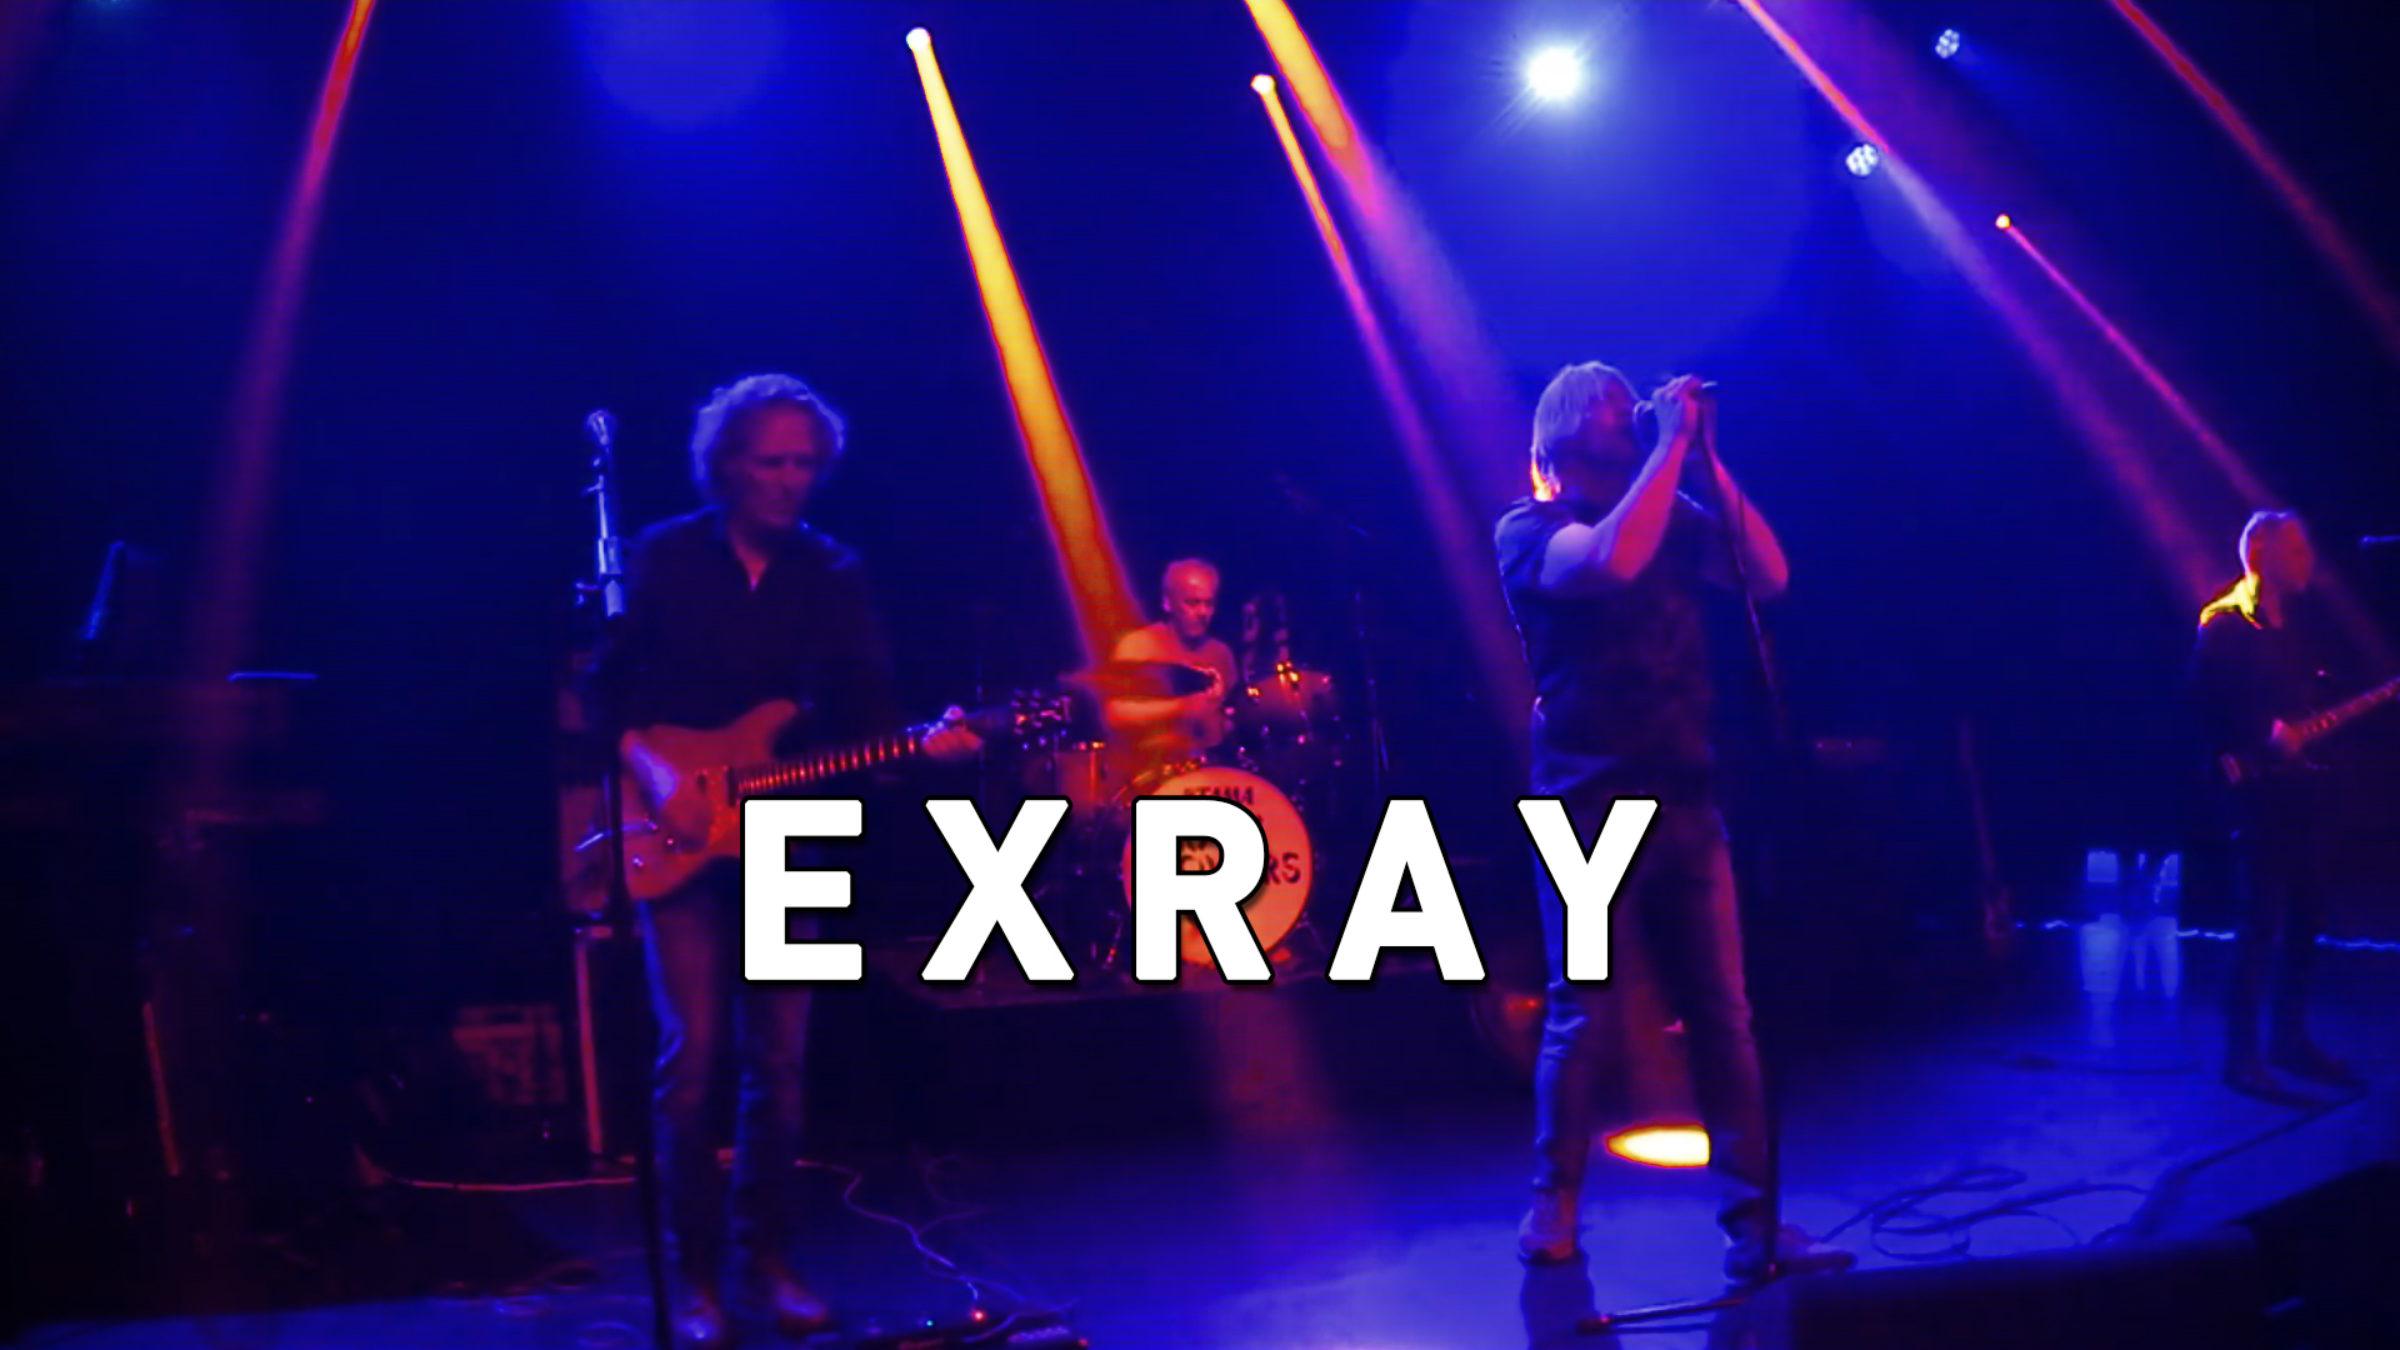 2020 06 26 Exray 35i1wjmdp4